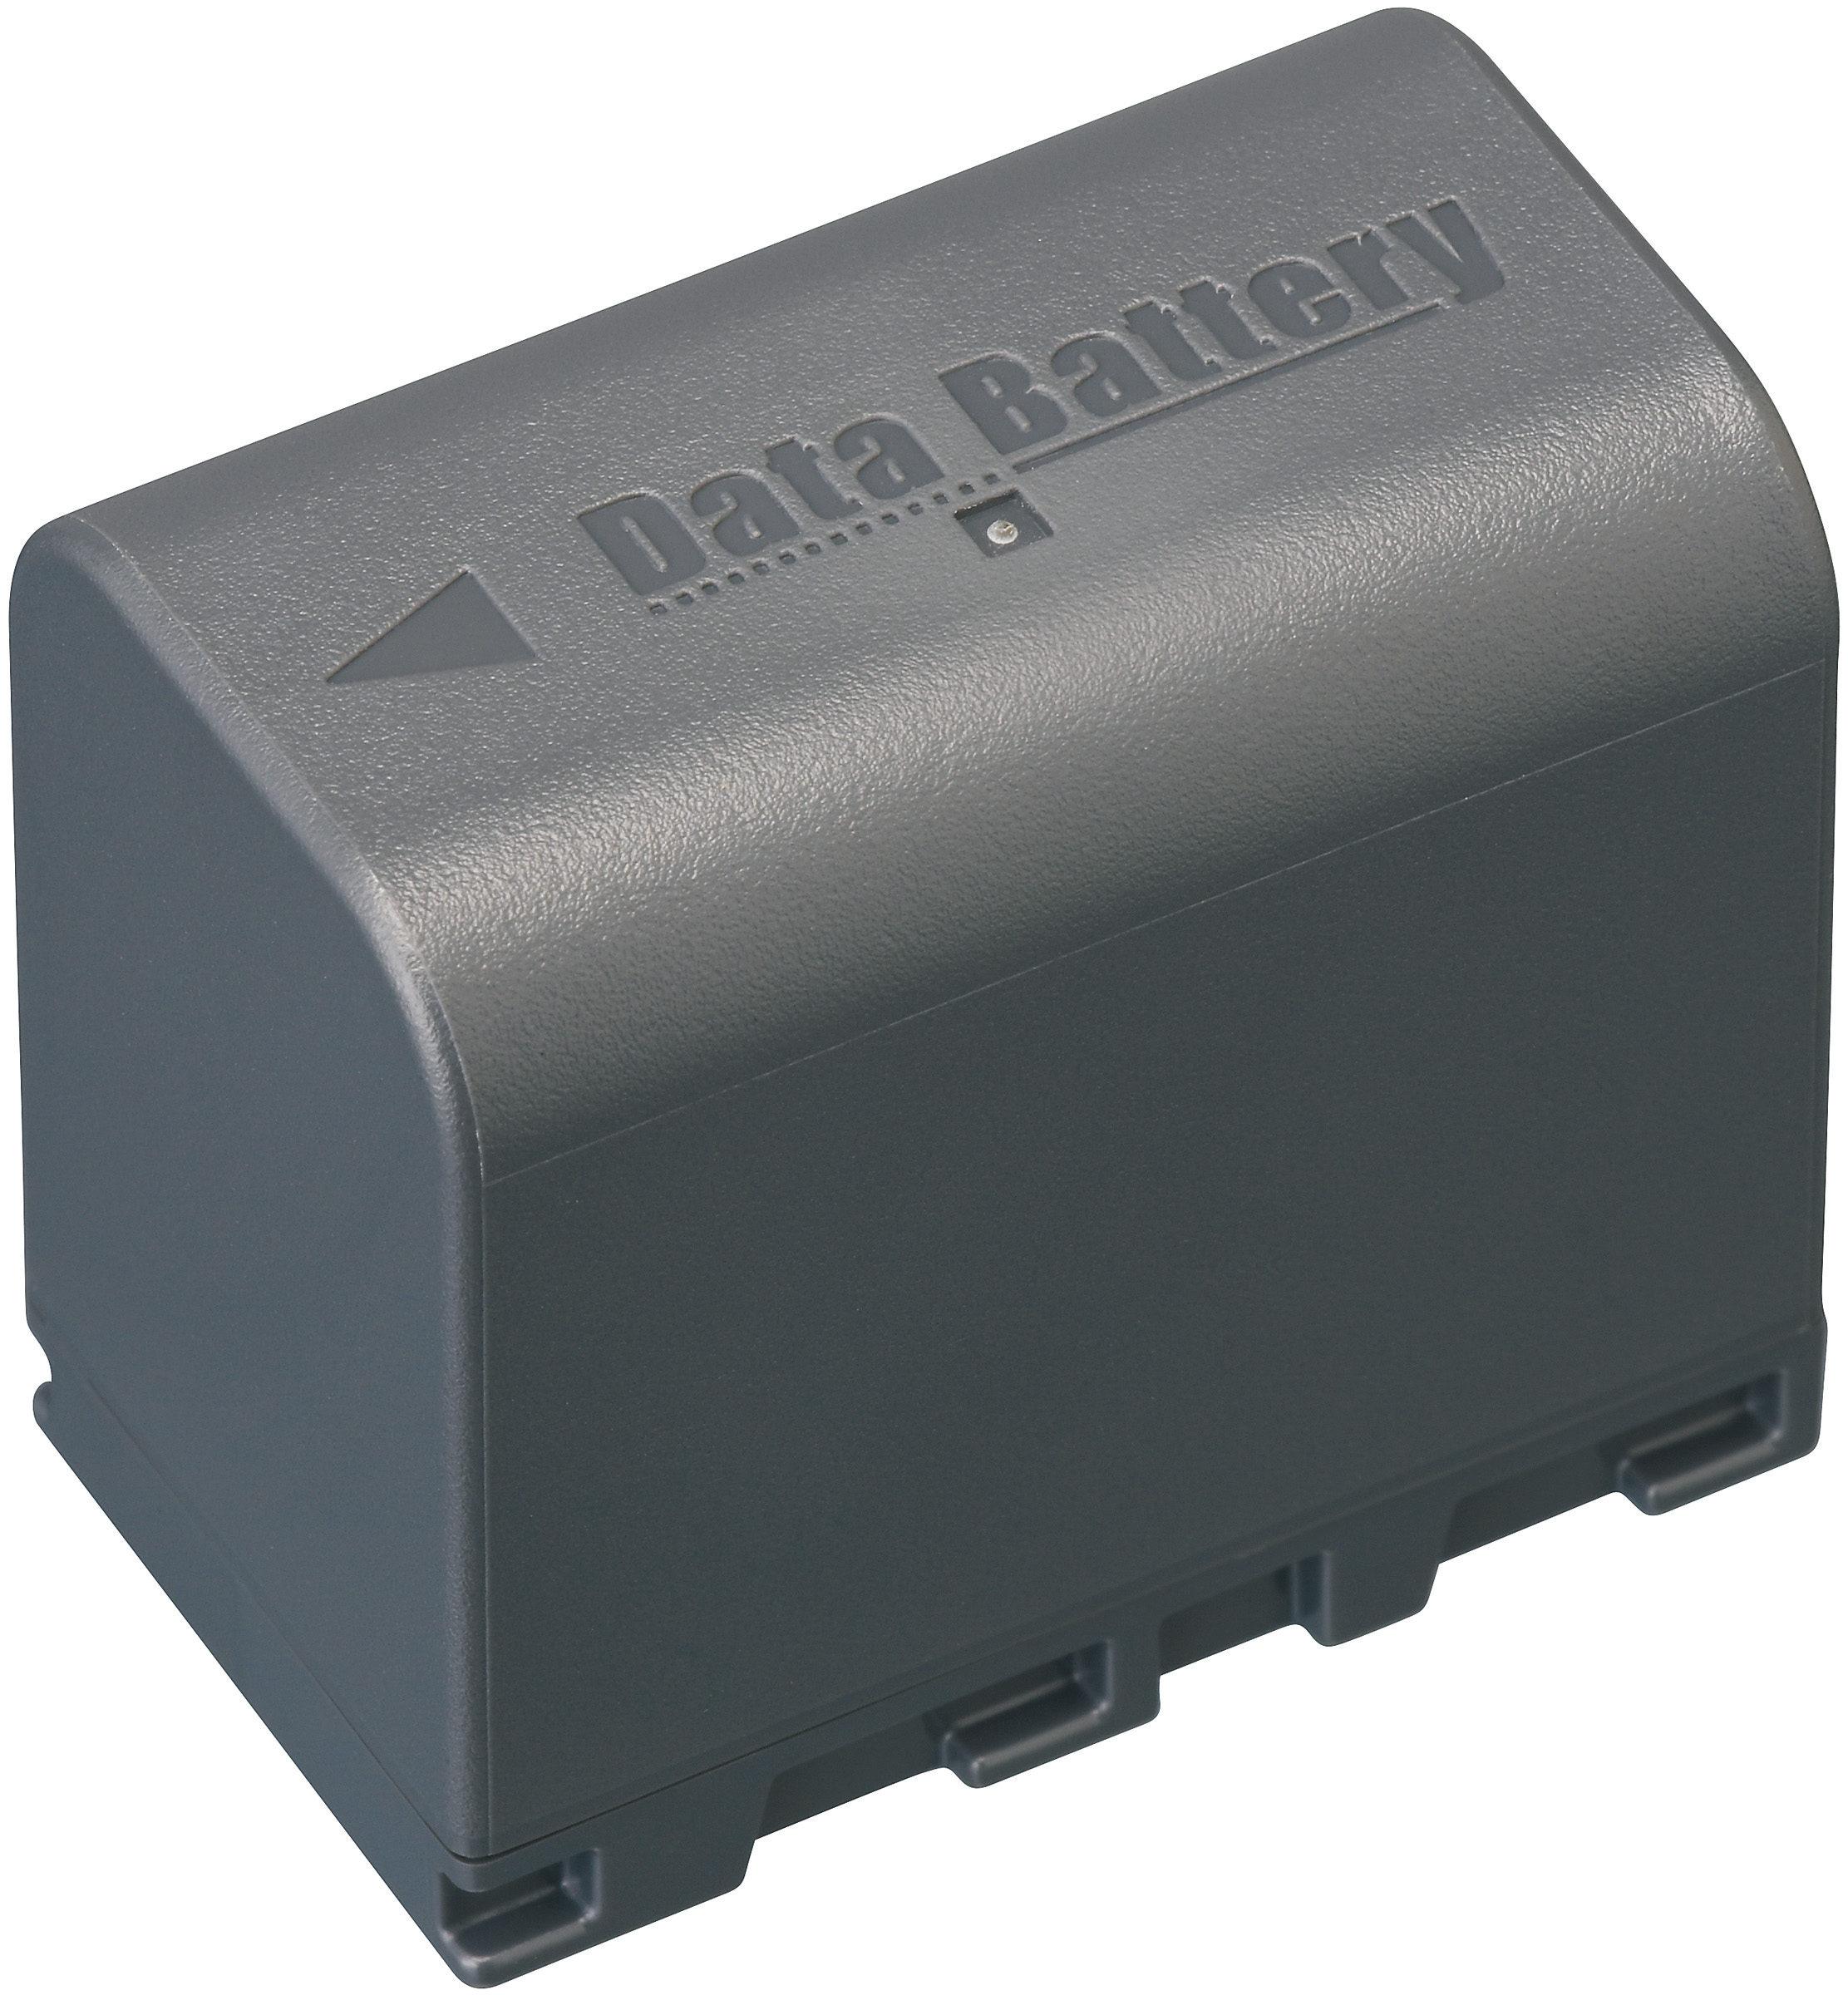 7.2V Lithium-Ion Data Battery